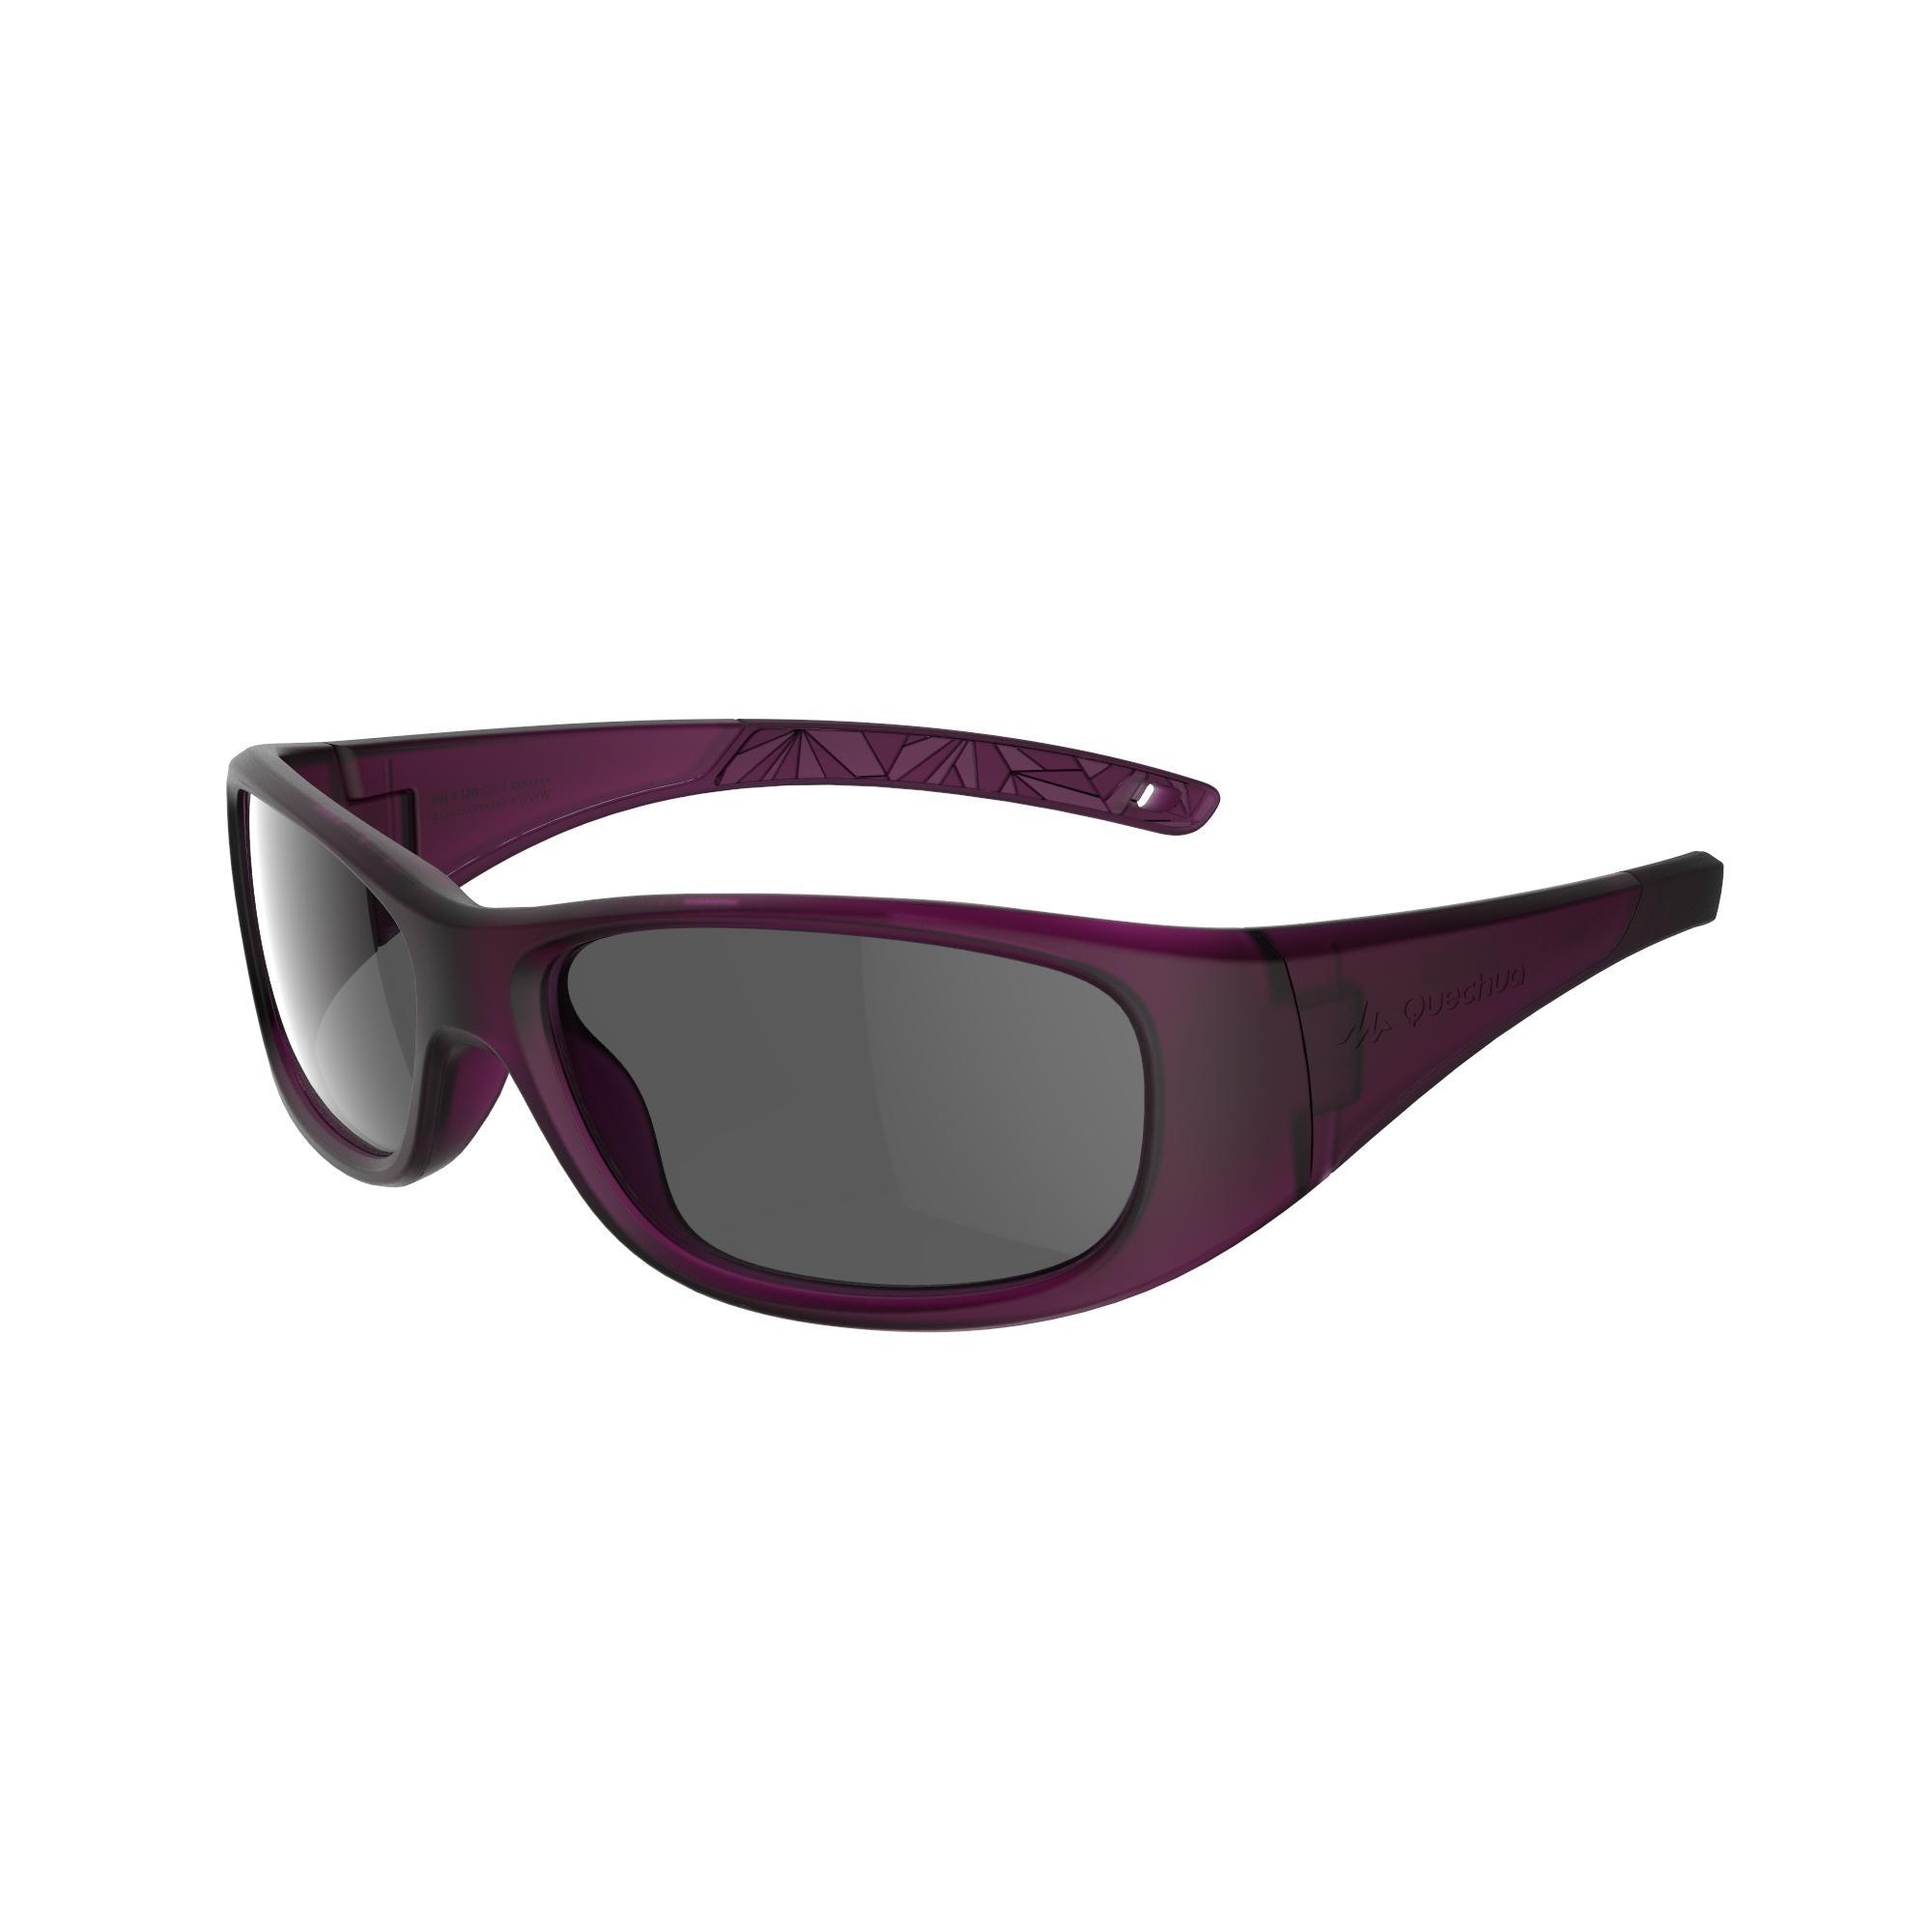 Lunettes de soleil de randonnée enfant 7-9 ans MH T 120 violettes catégorie 3